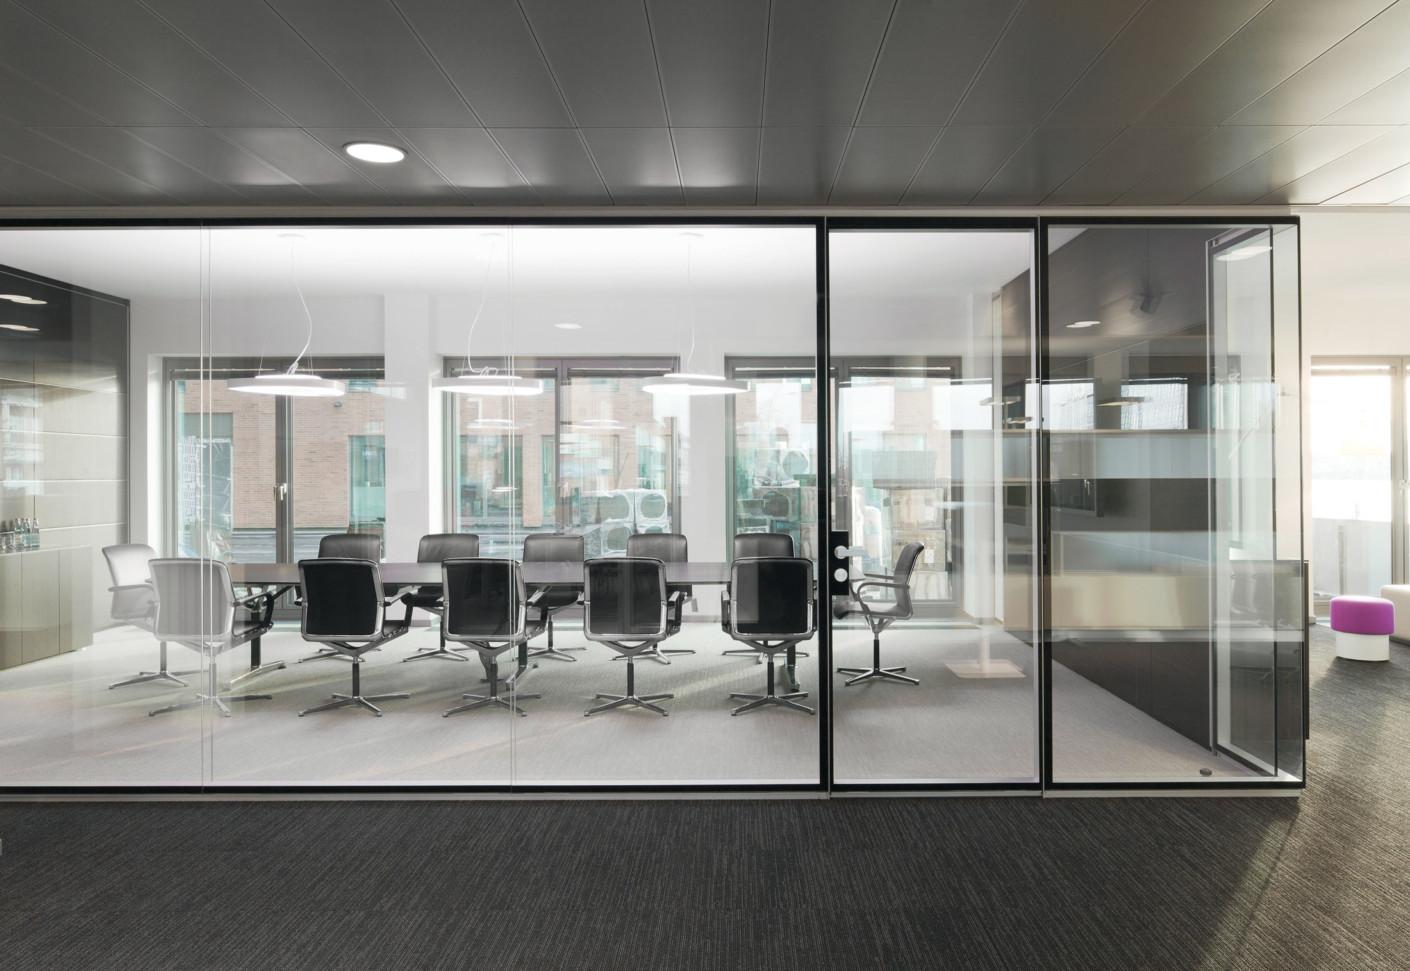 Cloisons de bureaux en verre